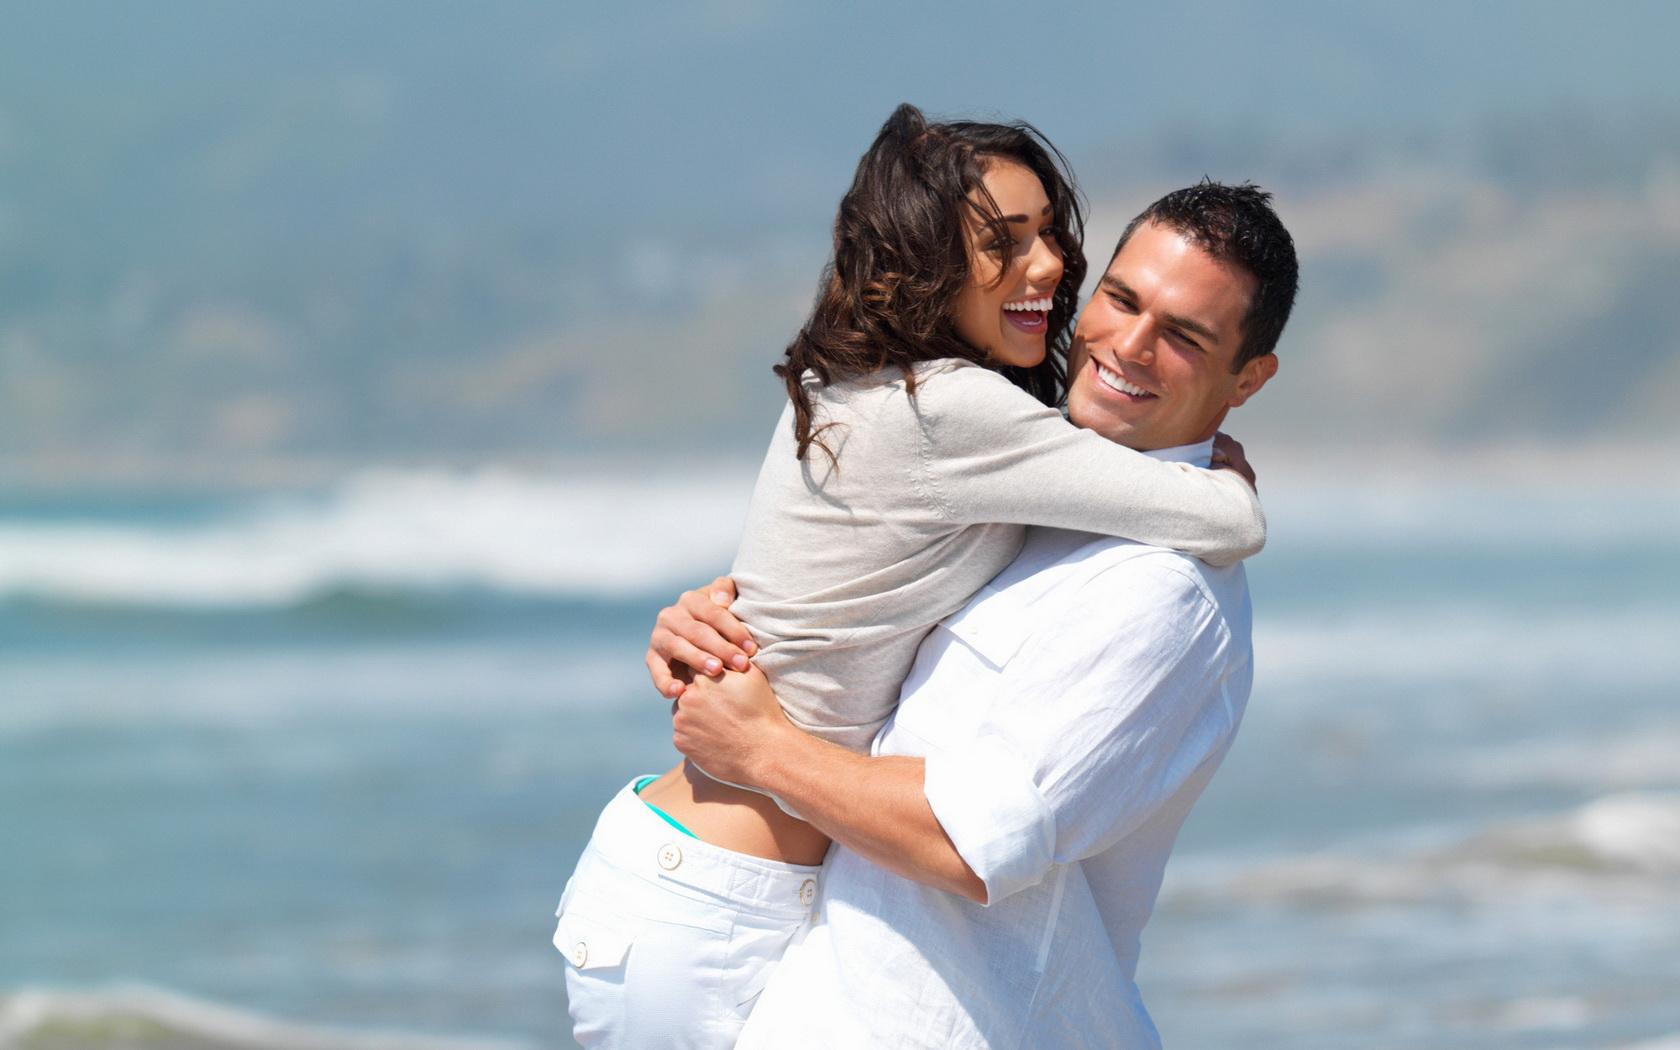 Enamorados en playa - 1680x1050